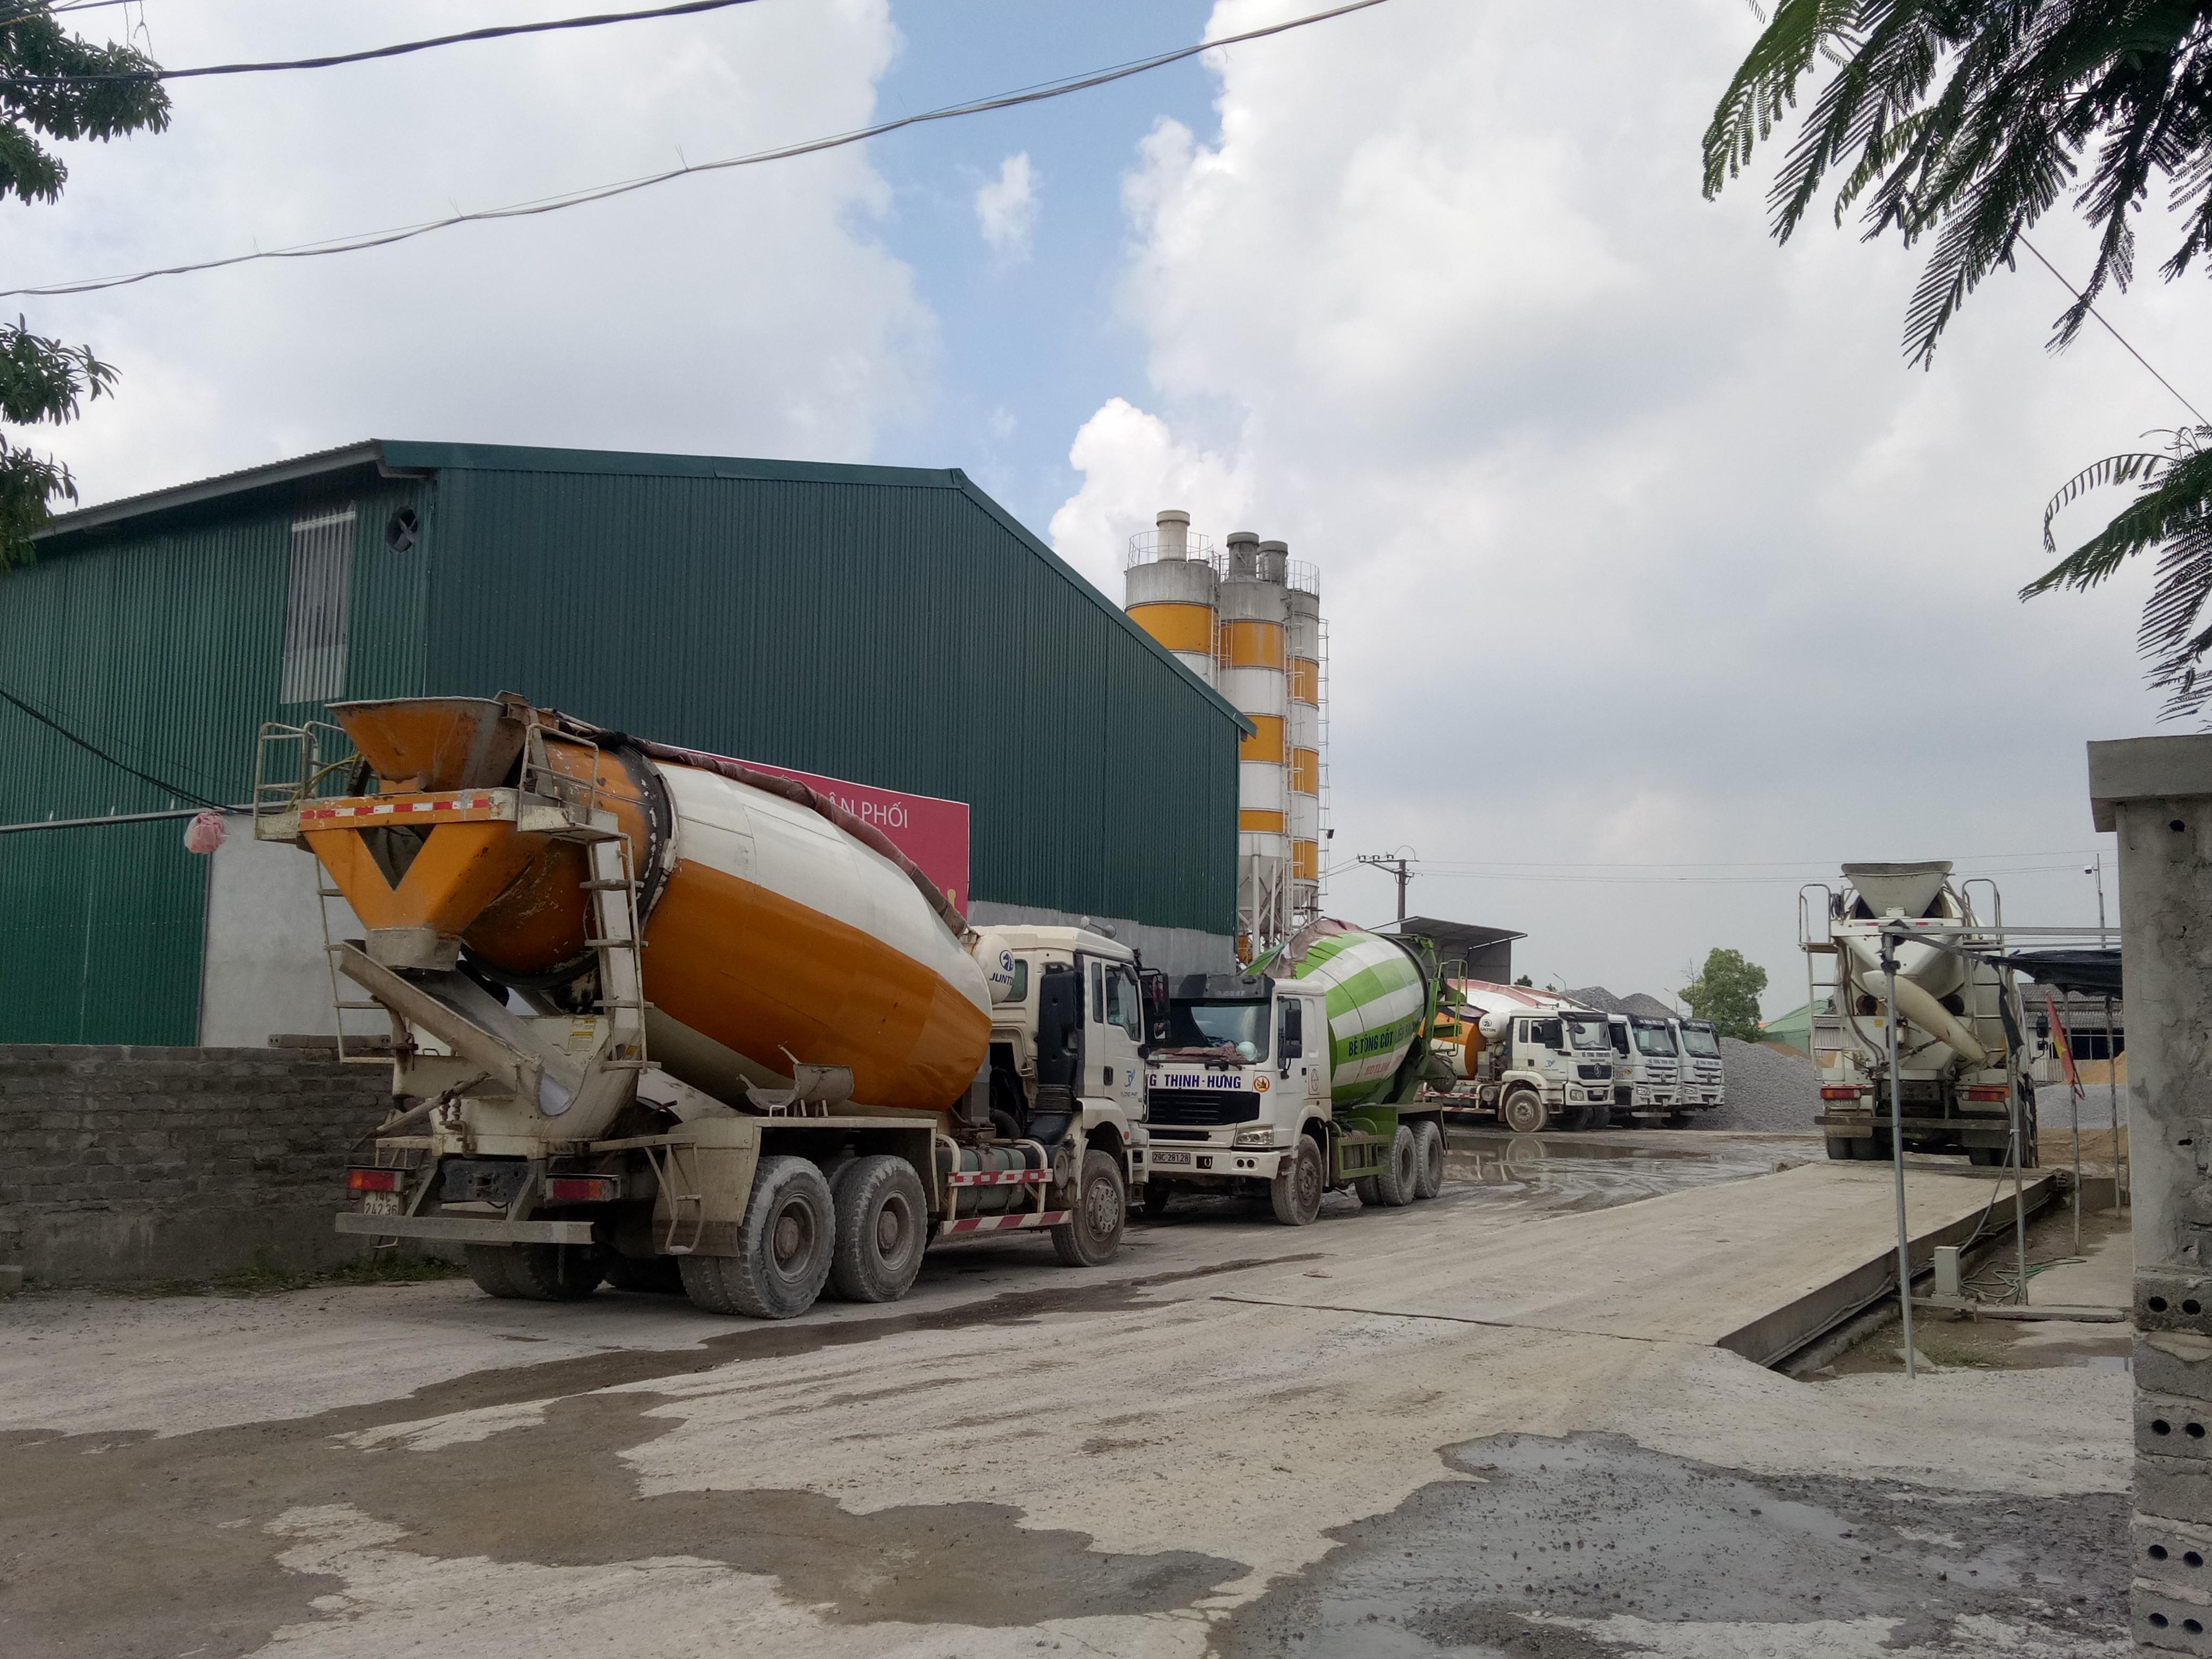 Trạm trộn bê tông Thịnh Hưng ngang nhiên hoạt động không phép suốt nhiều năm.